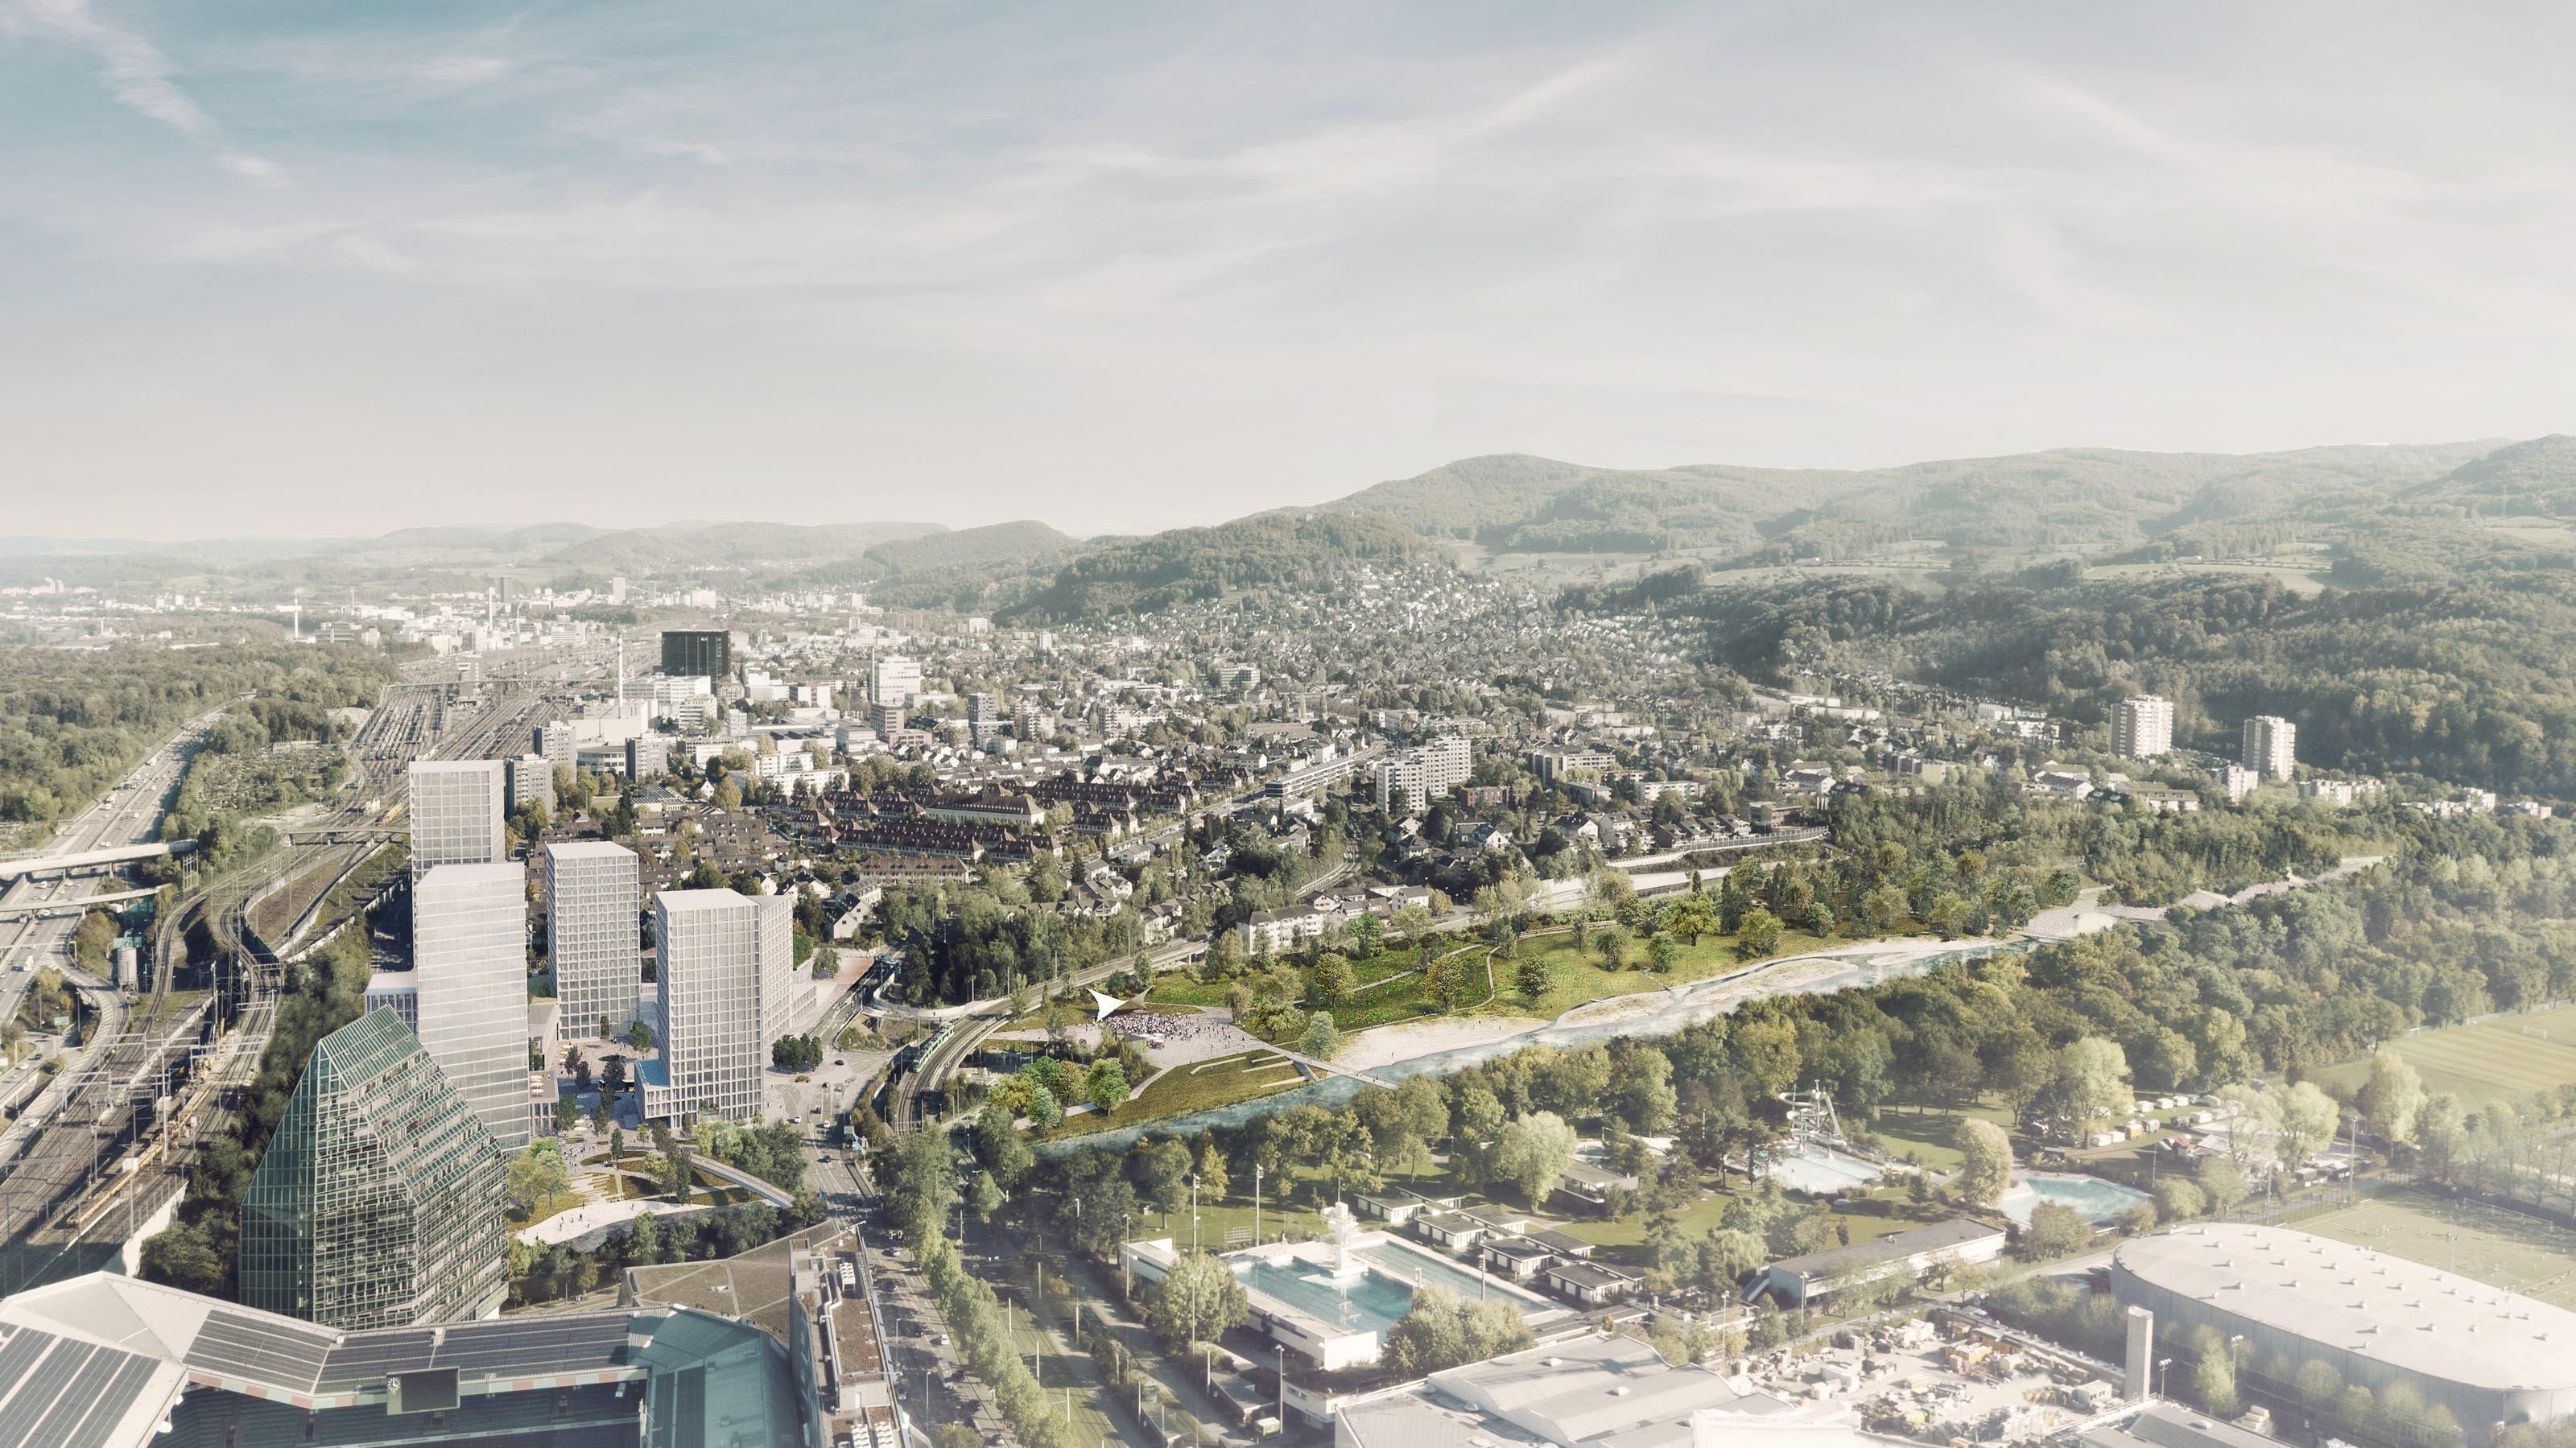 So sollen die Hagnau und das Schänzli in Muttenz in Zukunft aussehen Blick über den gesamten Projektperimeter. Links die Hochhäuser auf der Hagnau. Rechts davon der neue Park, der anstelle der heutigen Pferderennbahn erstellt wird.